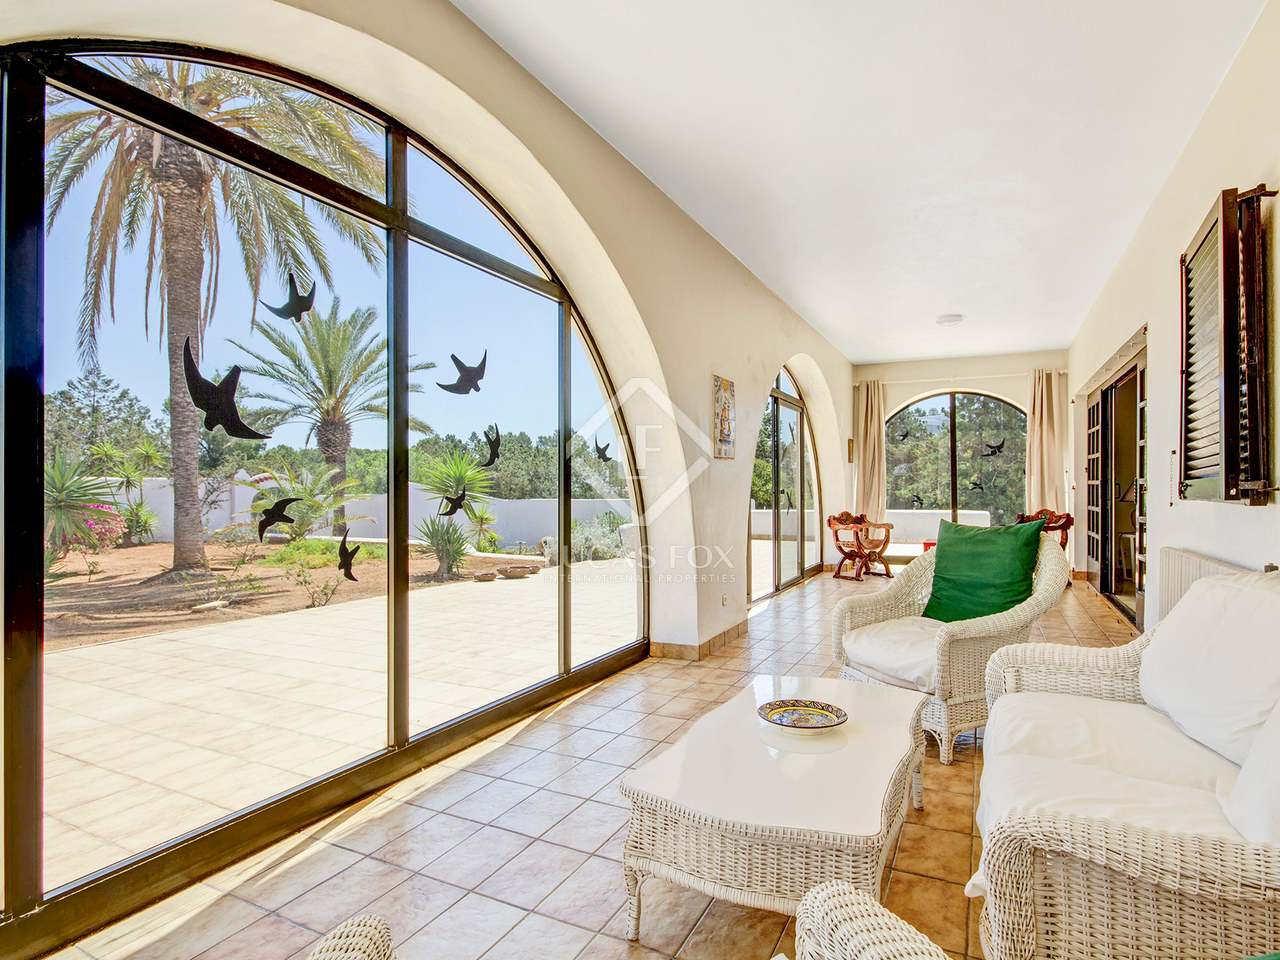 4-bedroom beachfront villa for sale in Port D\'es Torrent